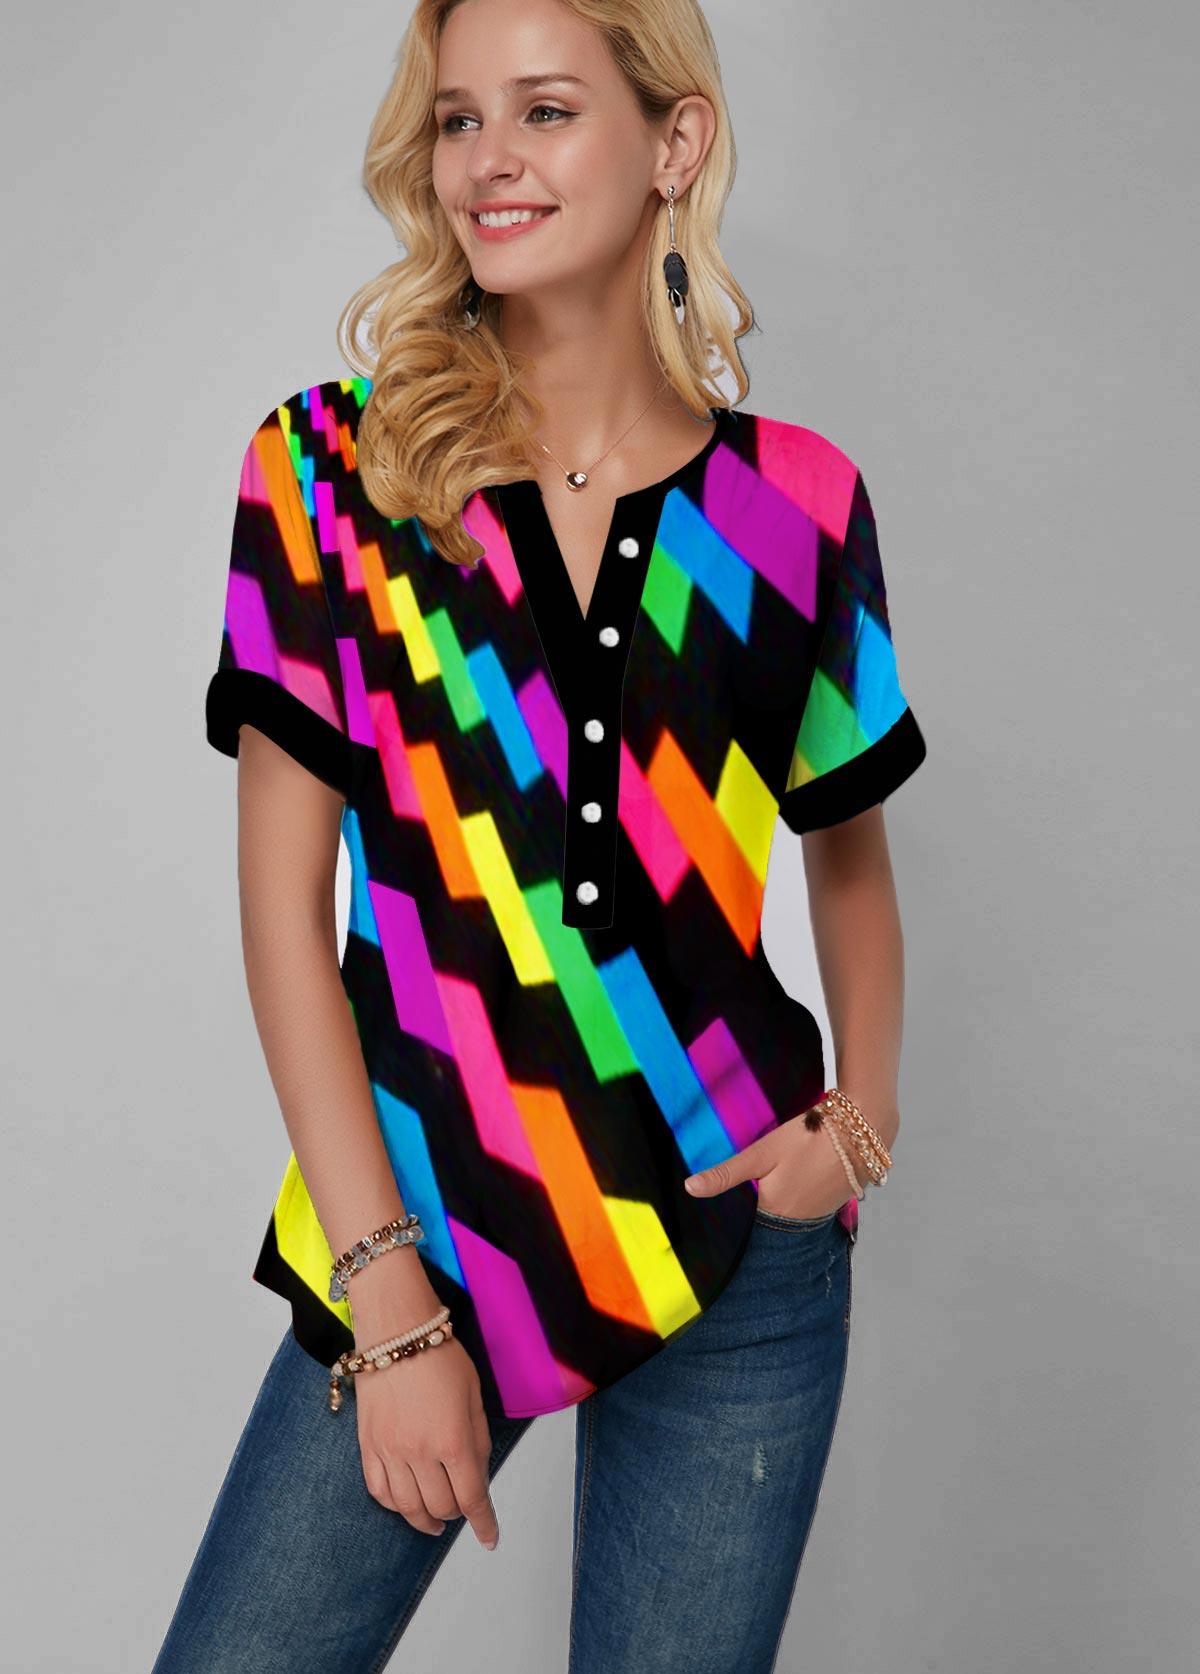 Gradient Geometric Print Split Neck Rainbow Color Blouse